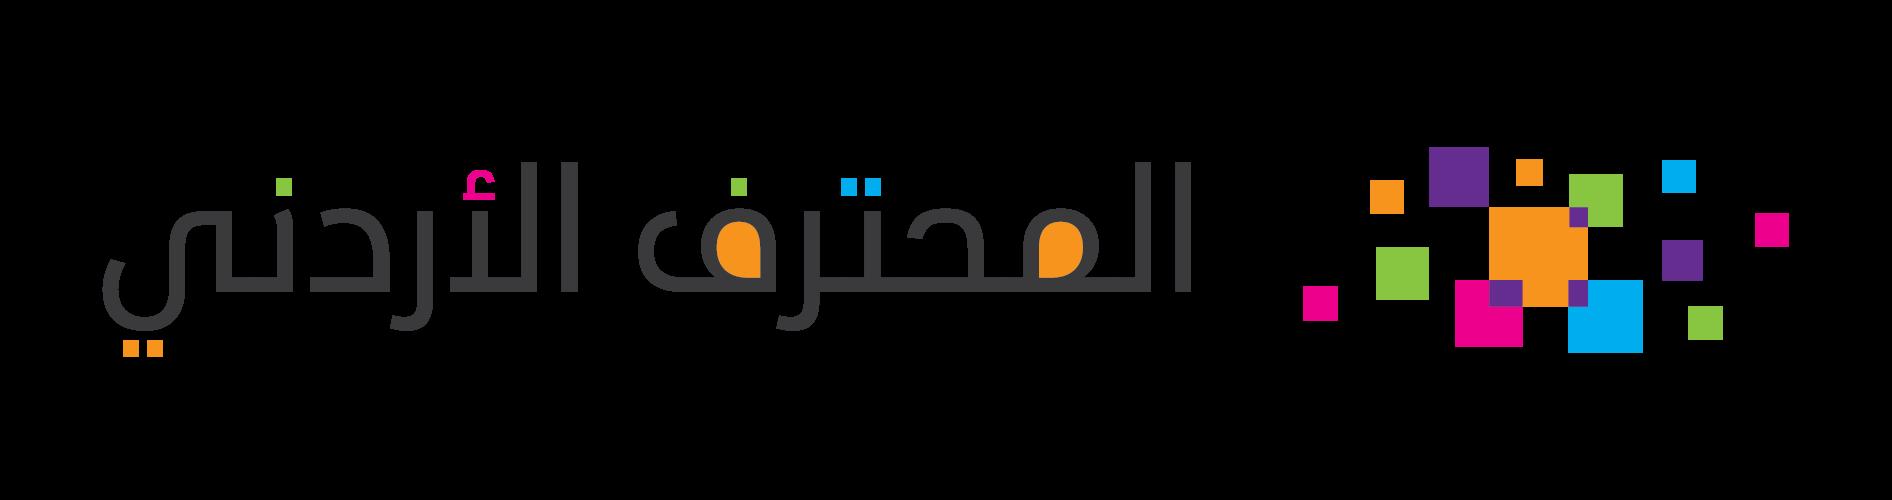 المحترف الأردني | موقع شروحات بالفيديو ومقالات مكتوبة